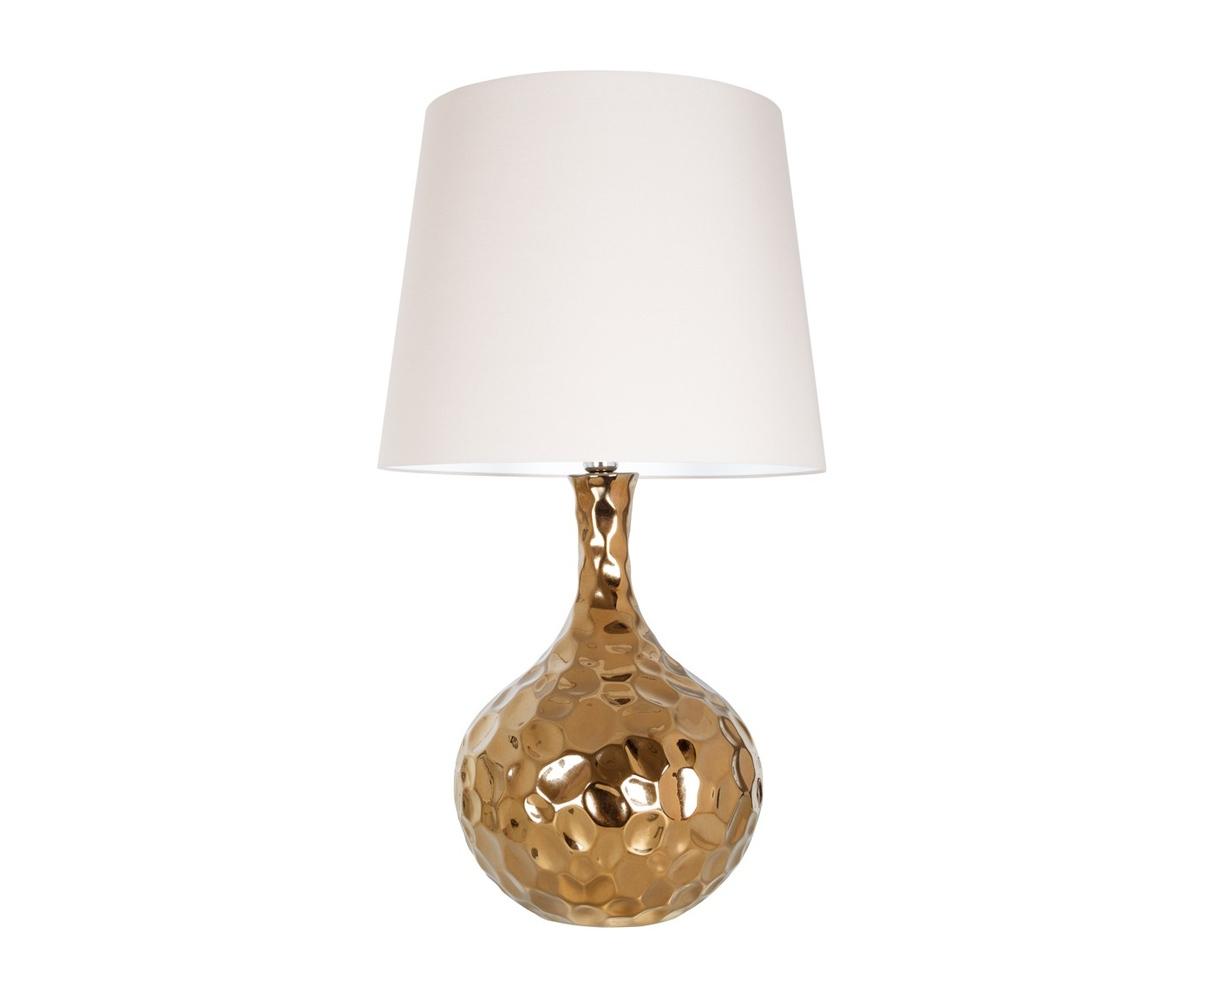 Купить Настольная лампа из керамики бронзового цвета, inmyroom, Португалия